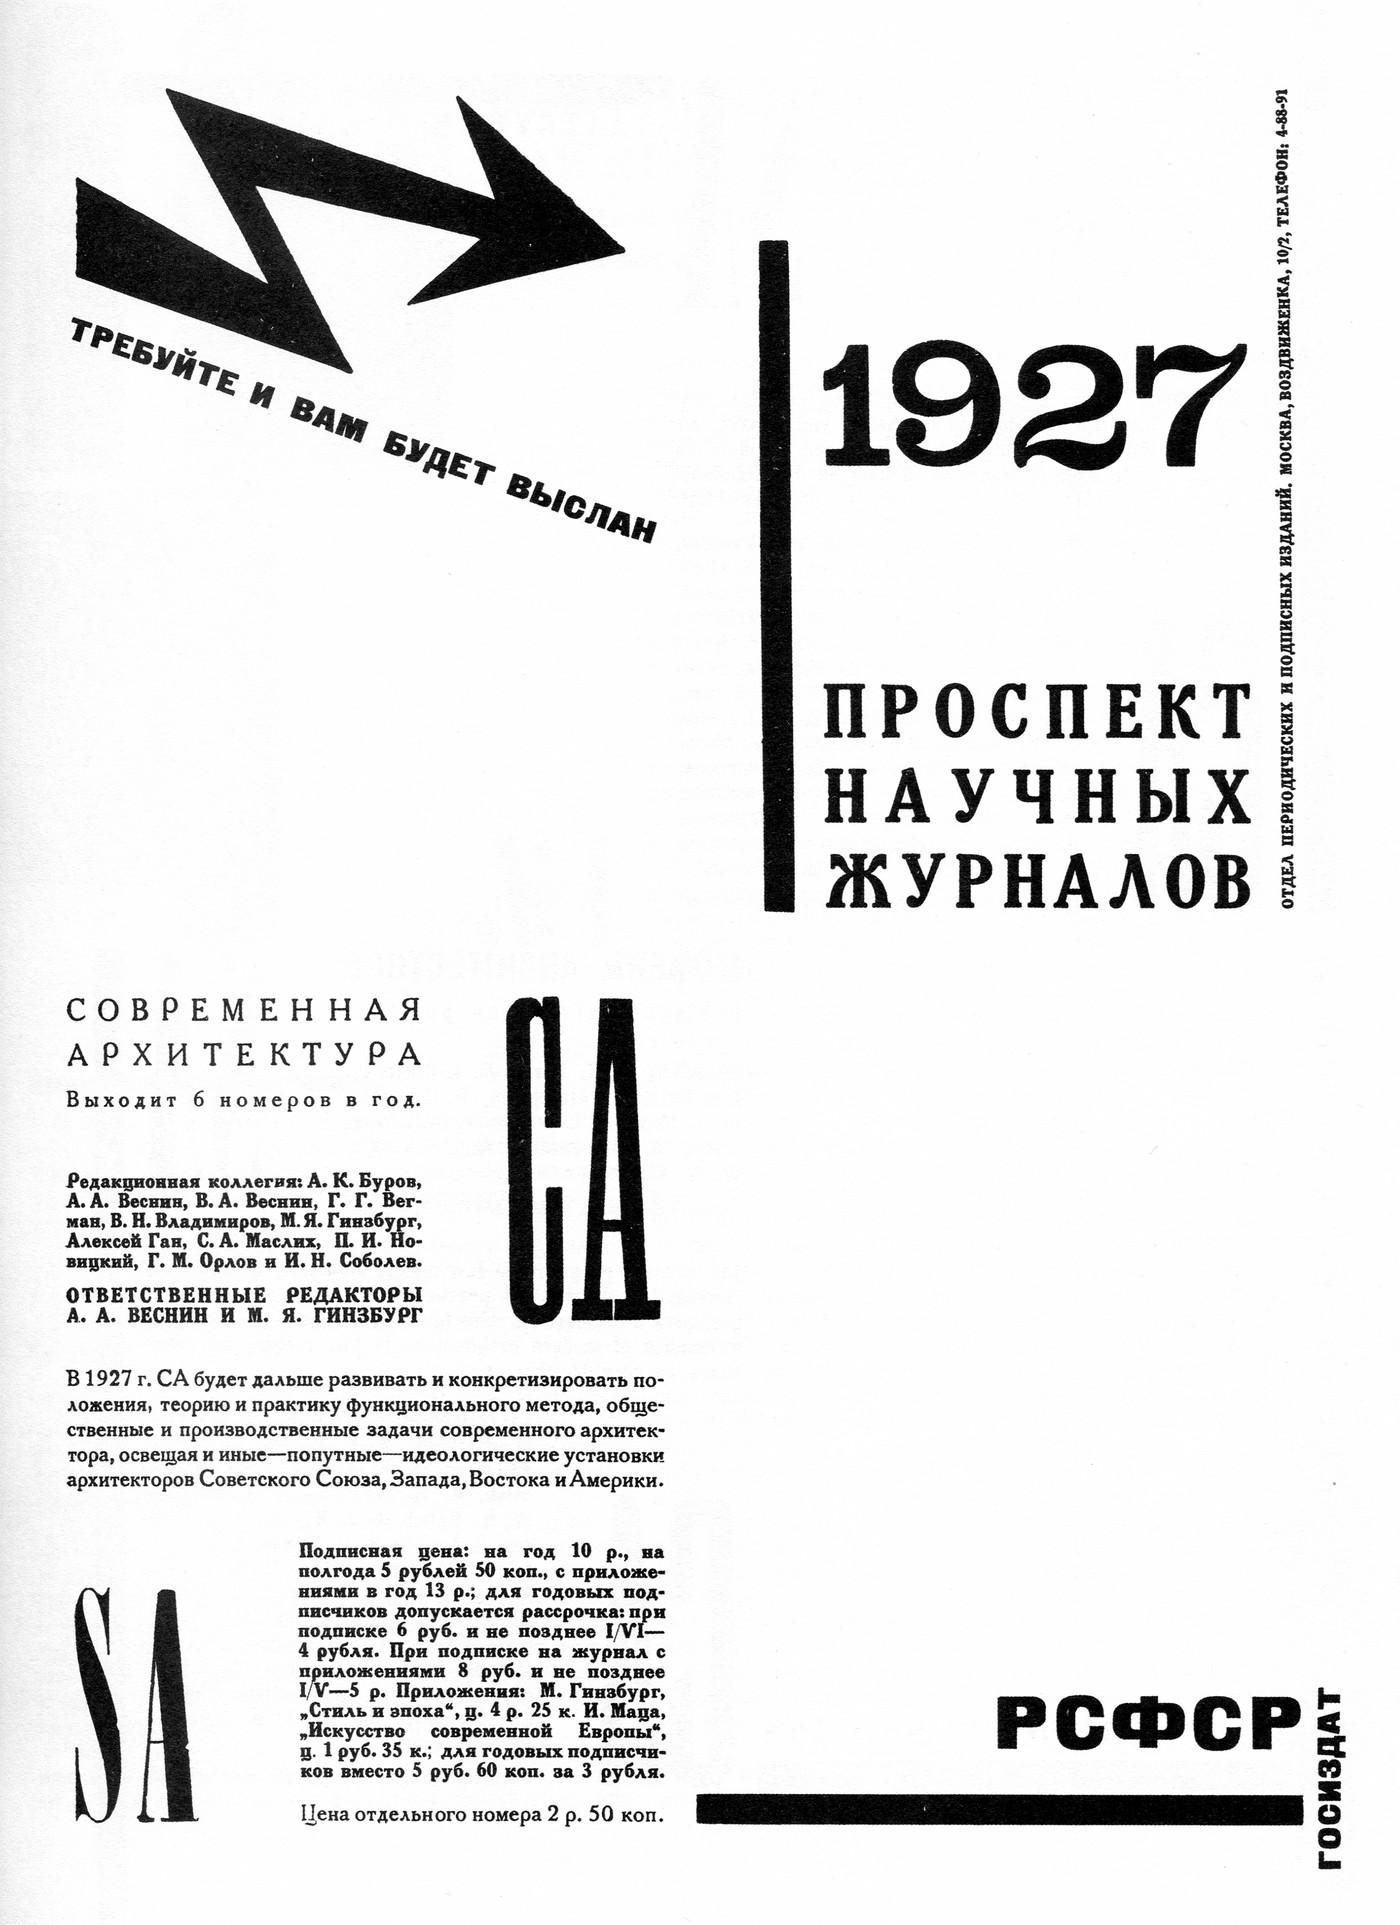 tehne.com-1927-1-003